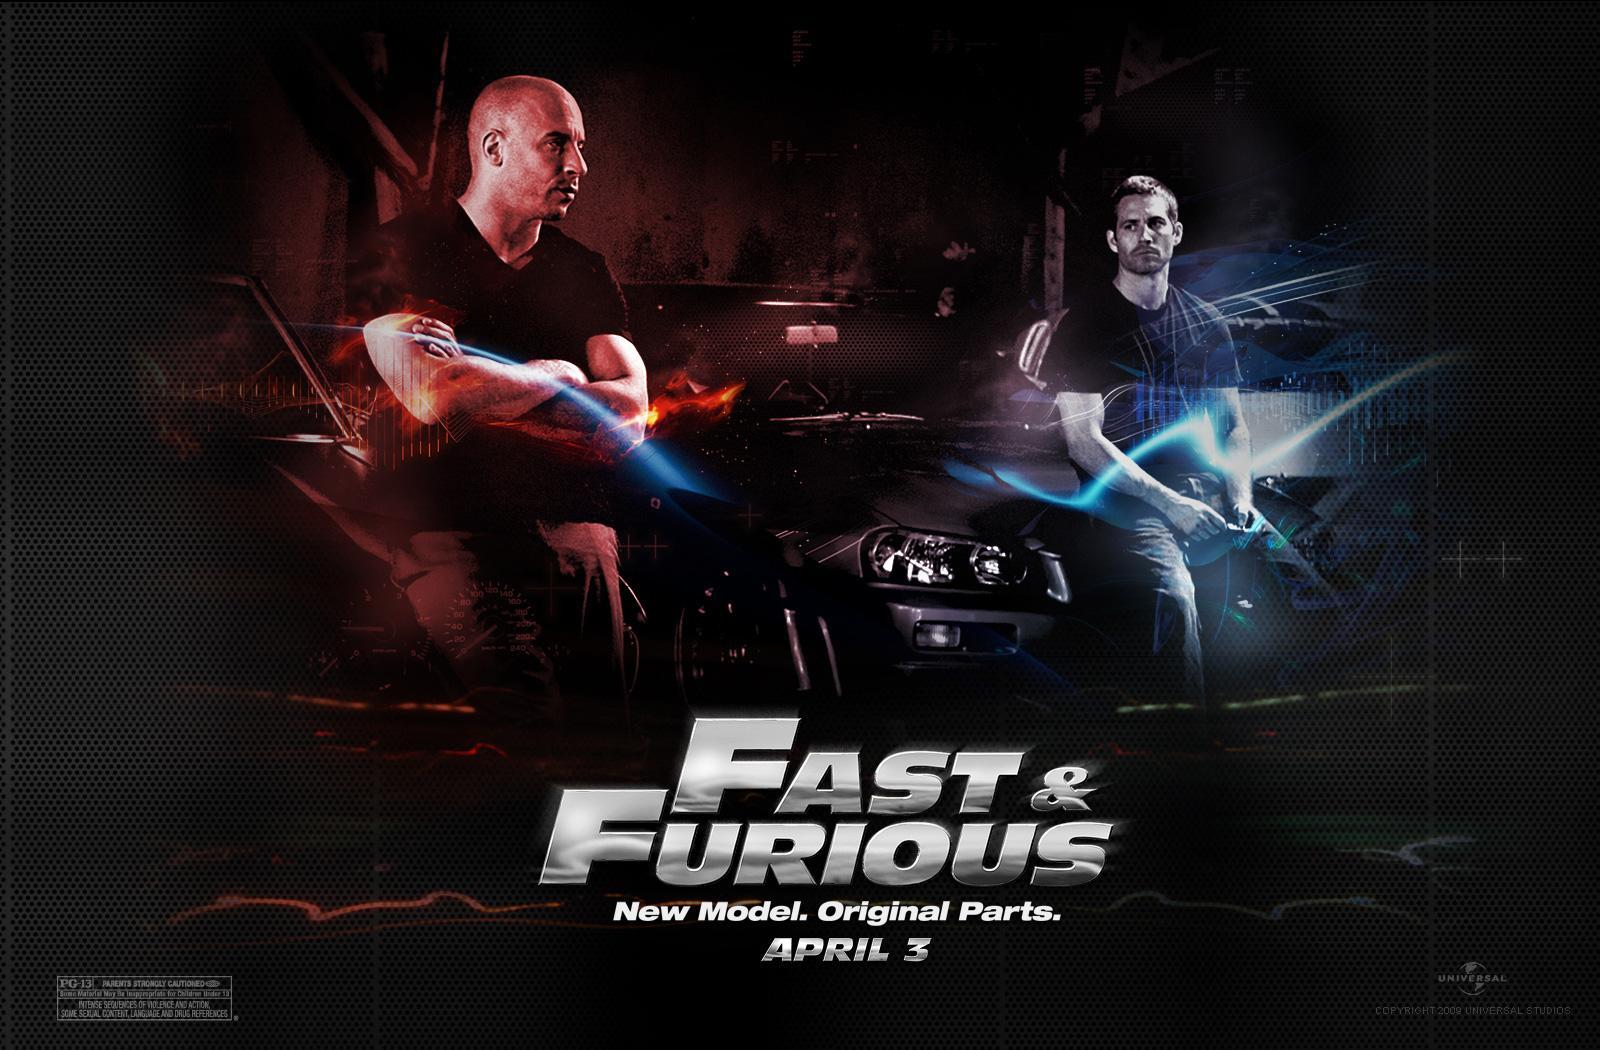 http://4.bp.blogspot.com/-uy-iXNTd7jY/Tb_sfR4DReI/AAAAAAAAAAY/CiQuSz2bAOA/s1600/rapido-y-furioso-5.jpg